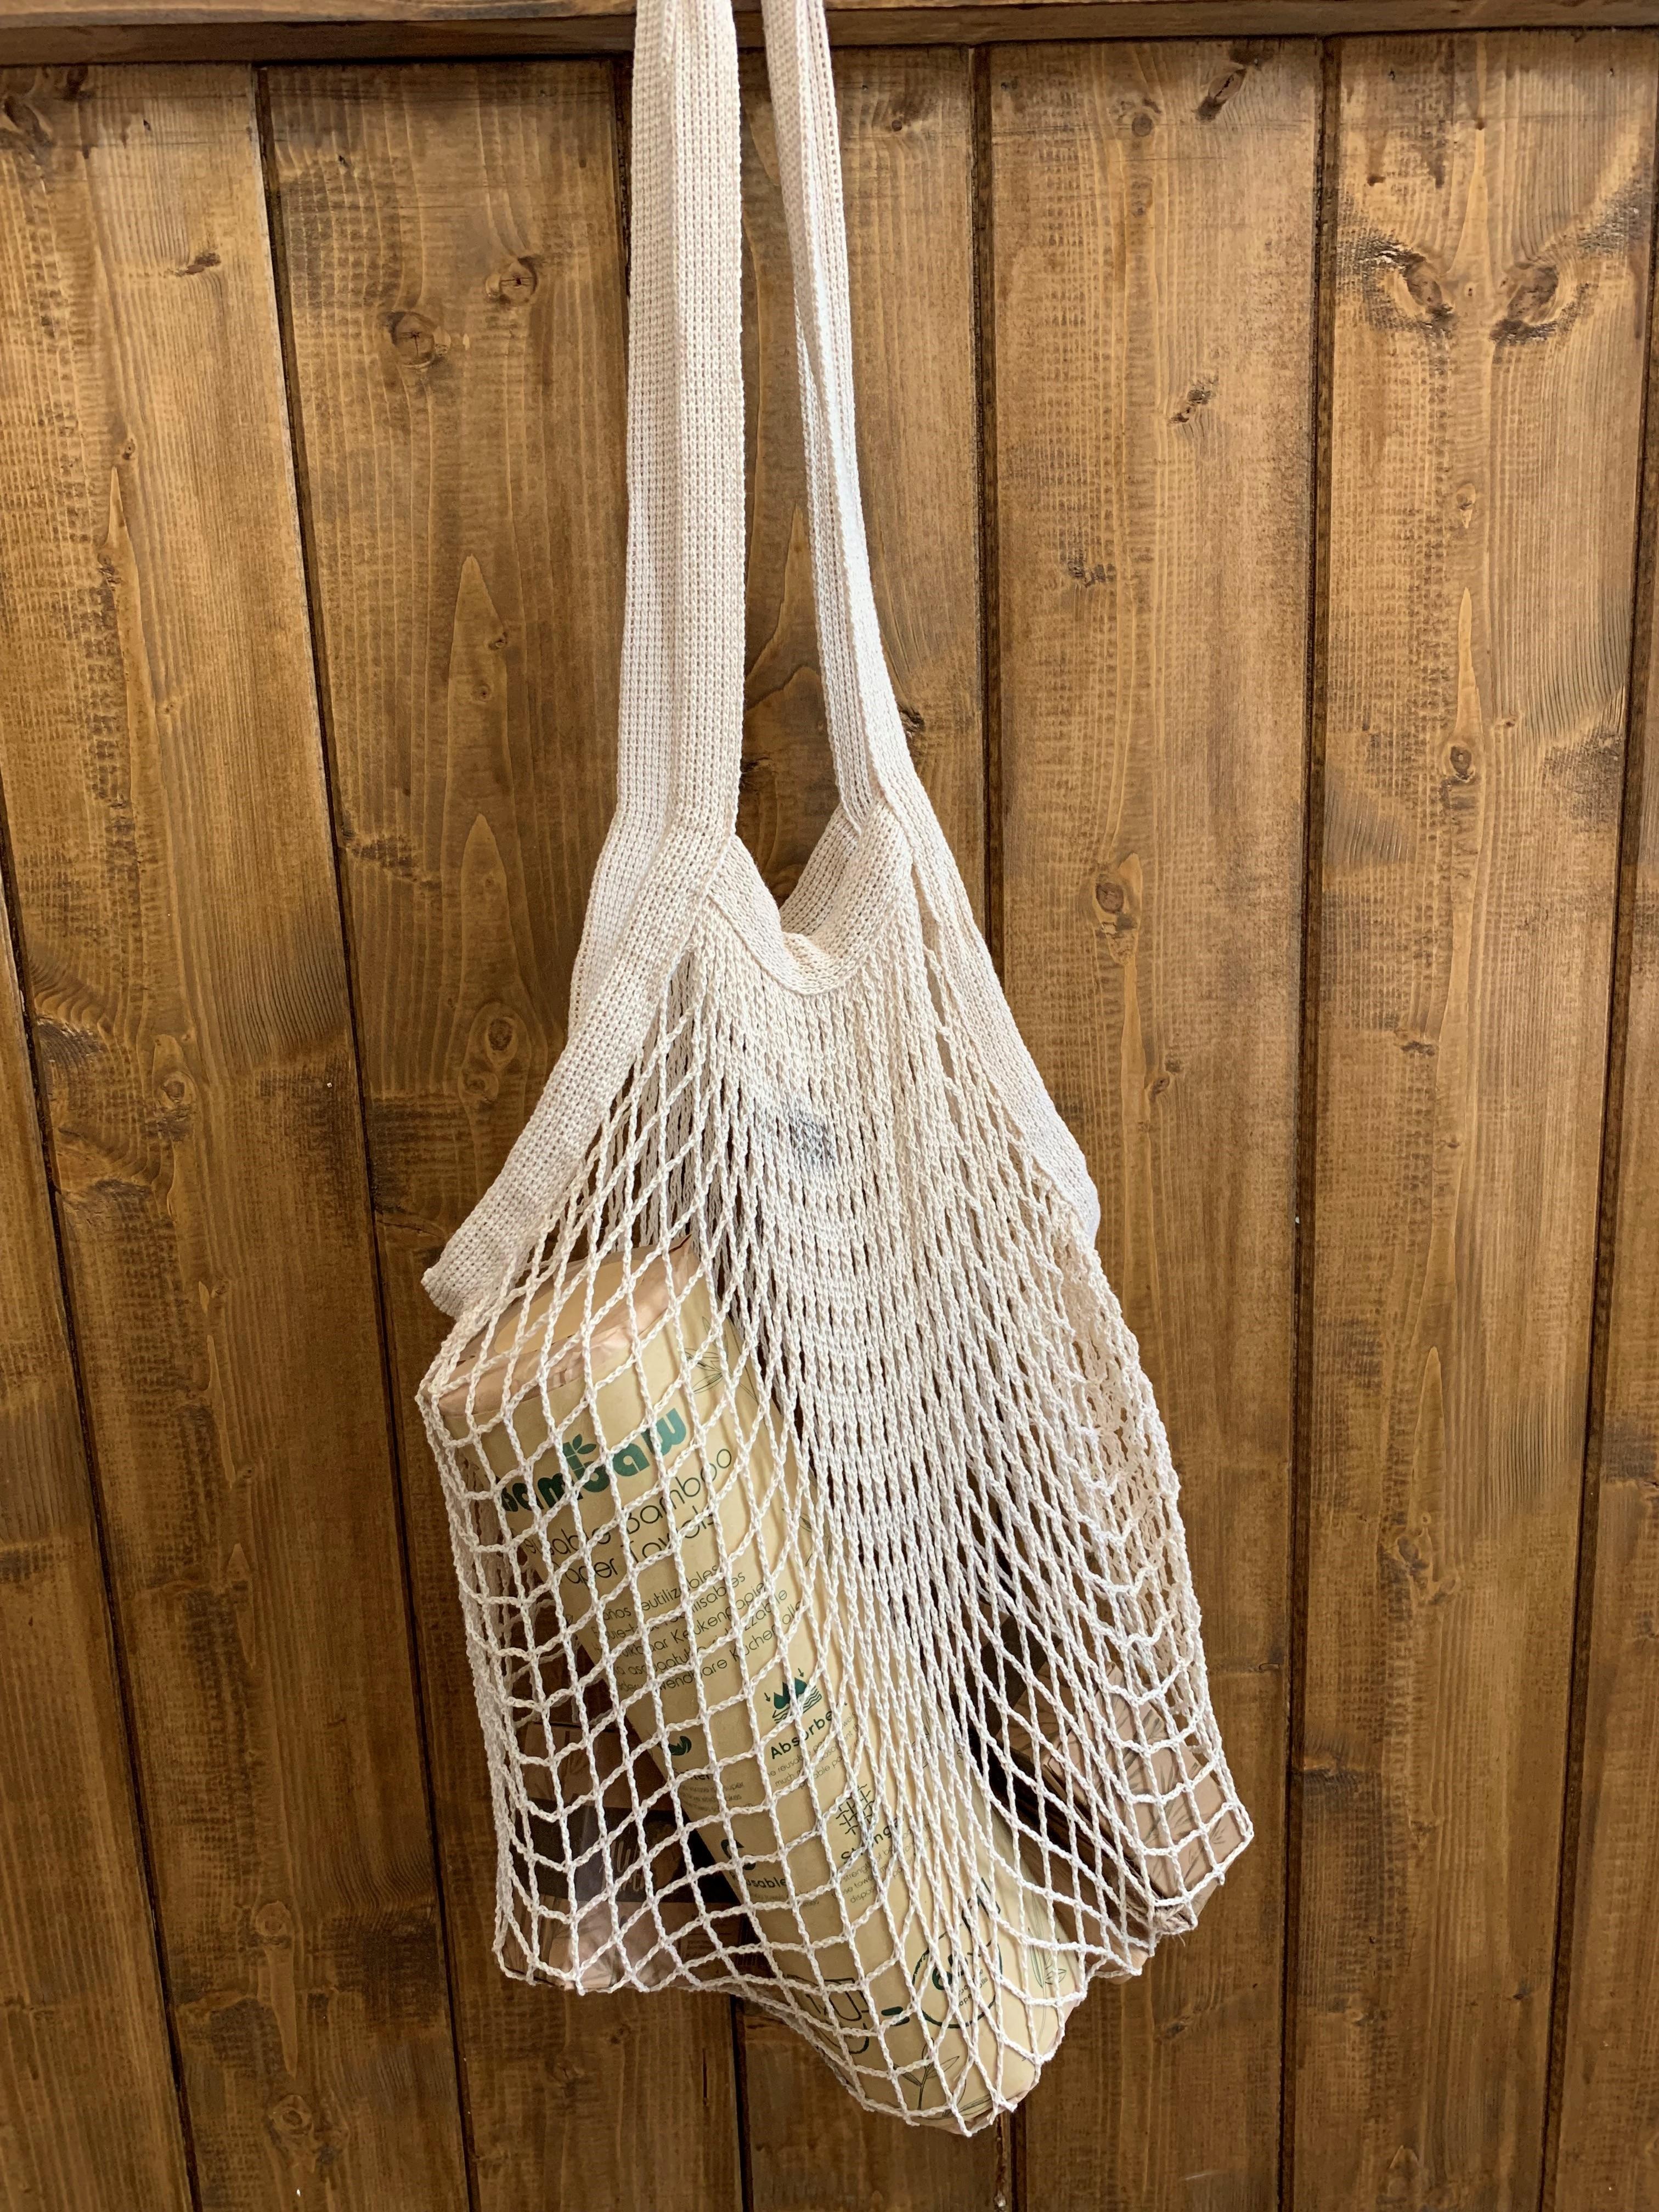 Reusable Grocery Cotton Mesh Bag